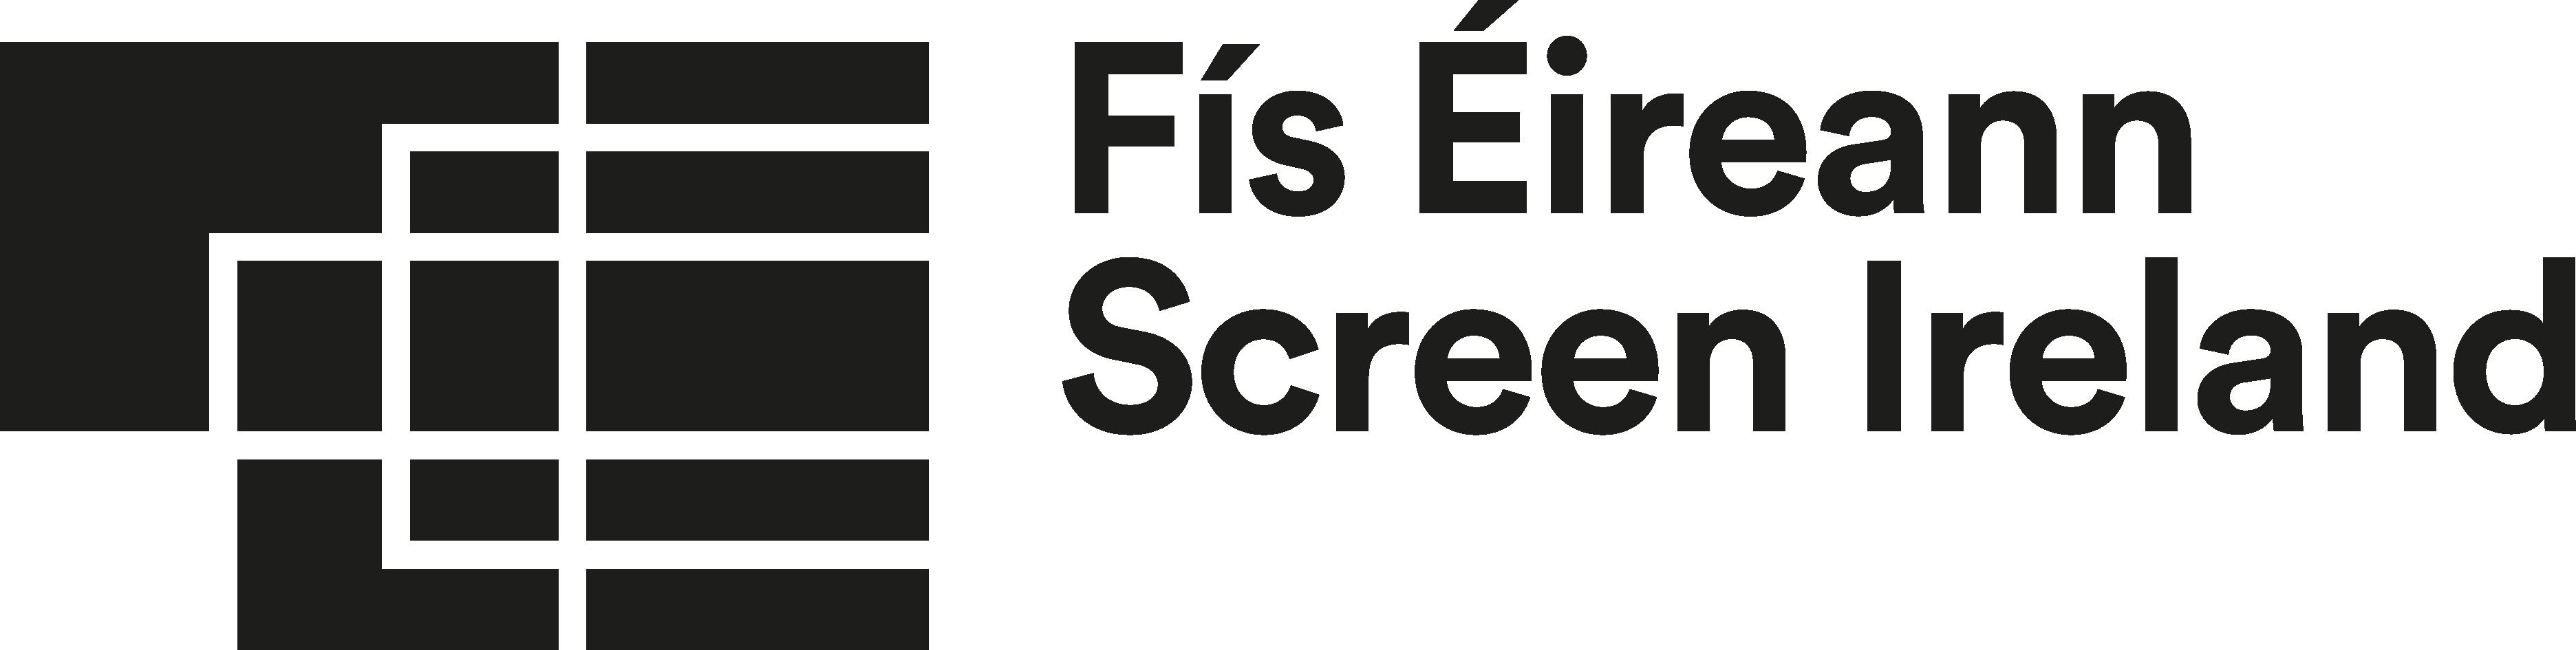 Screen Ireland logo